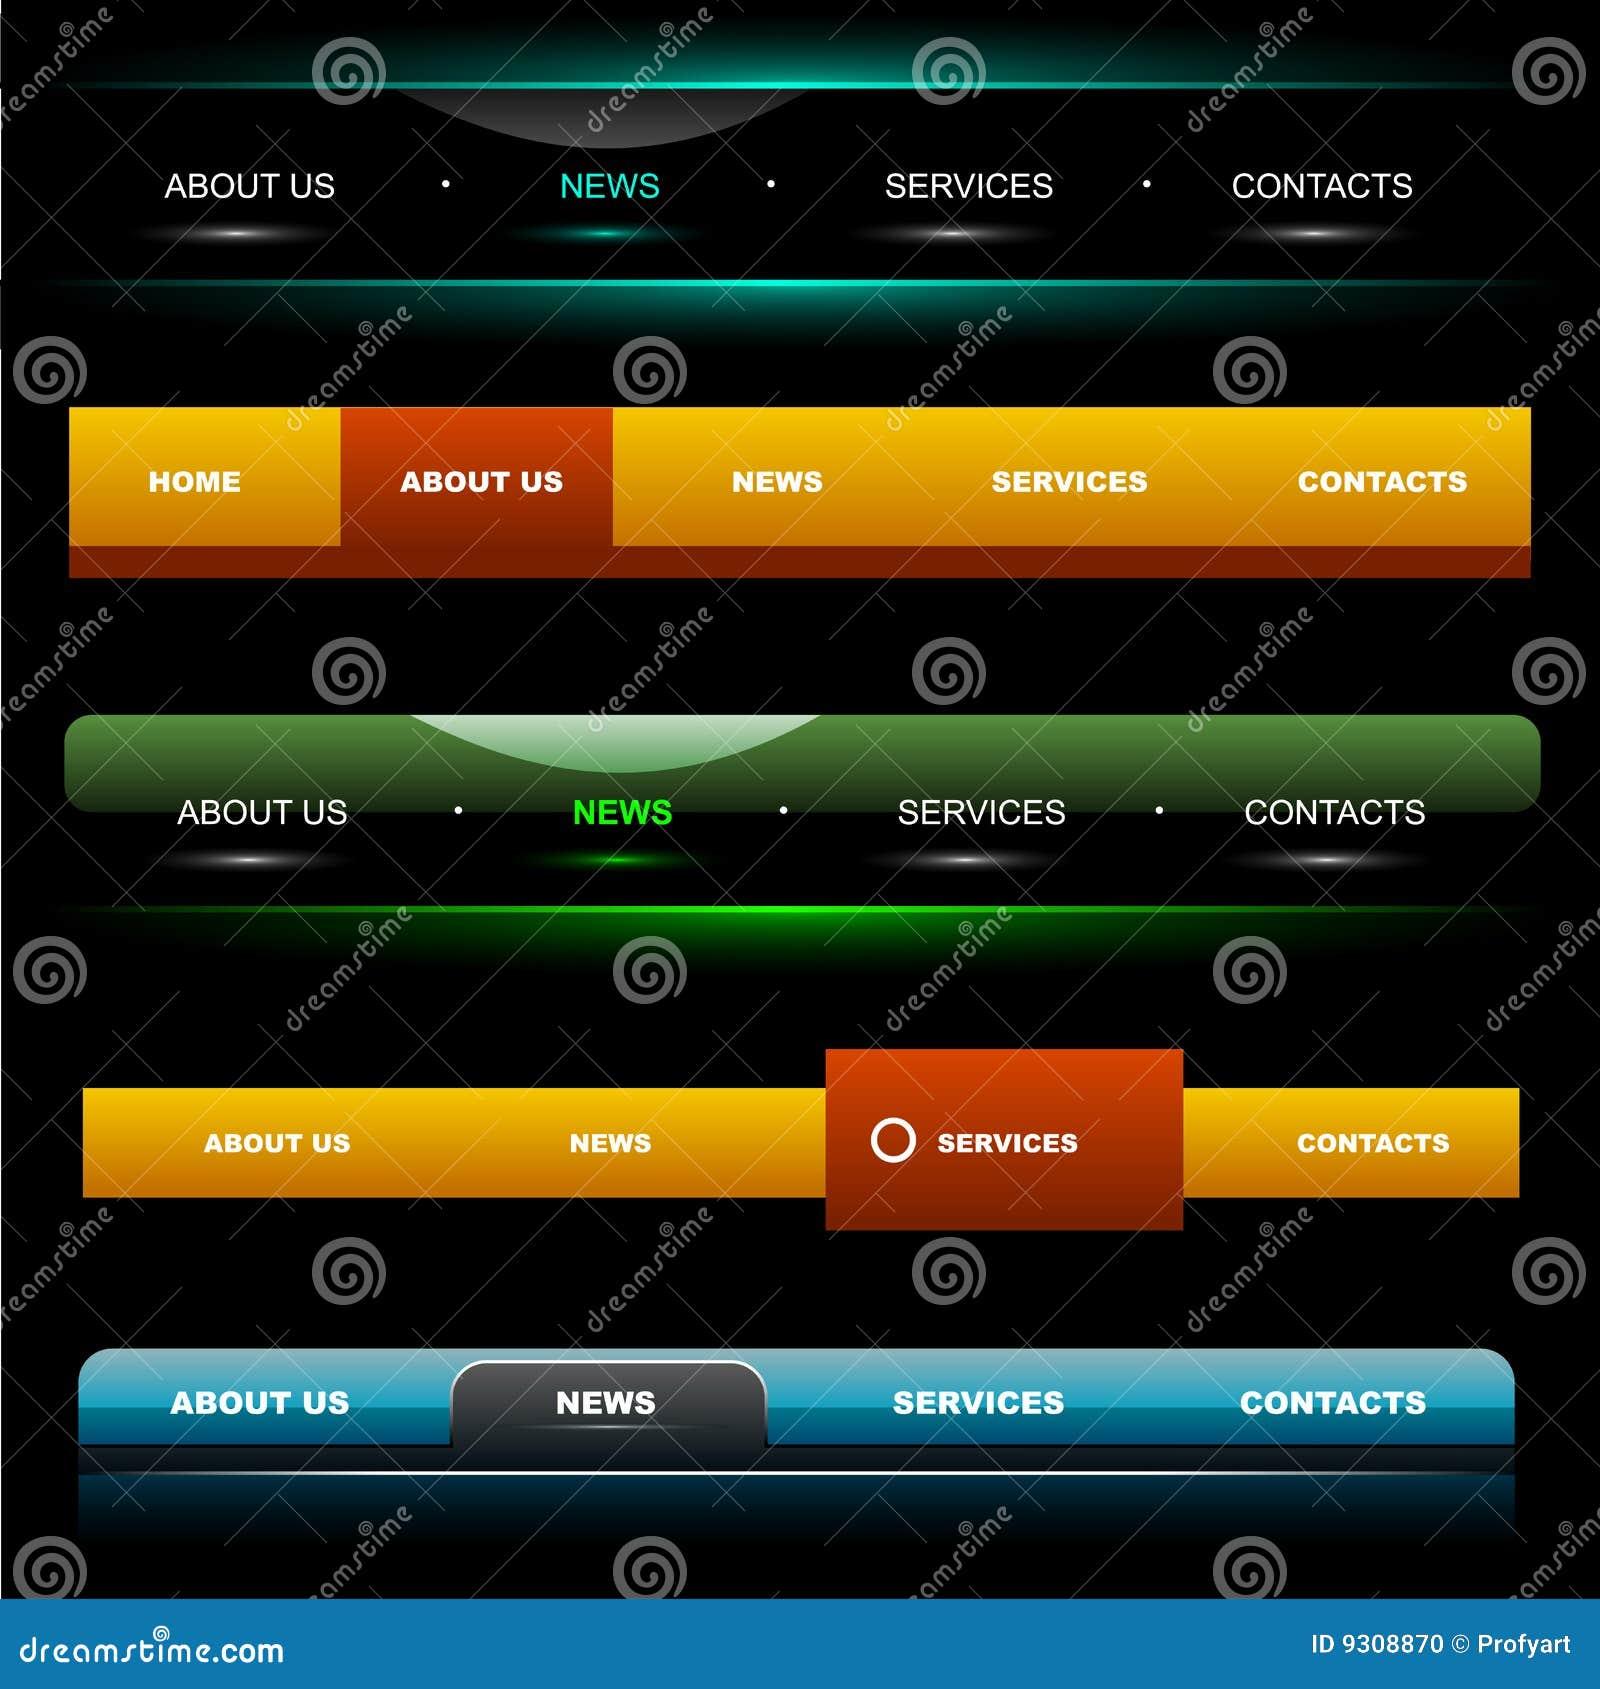 Modelos 4 de la navegación del Web site